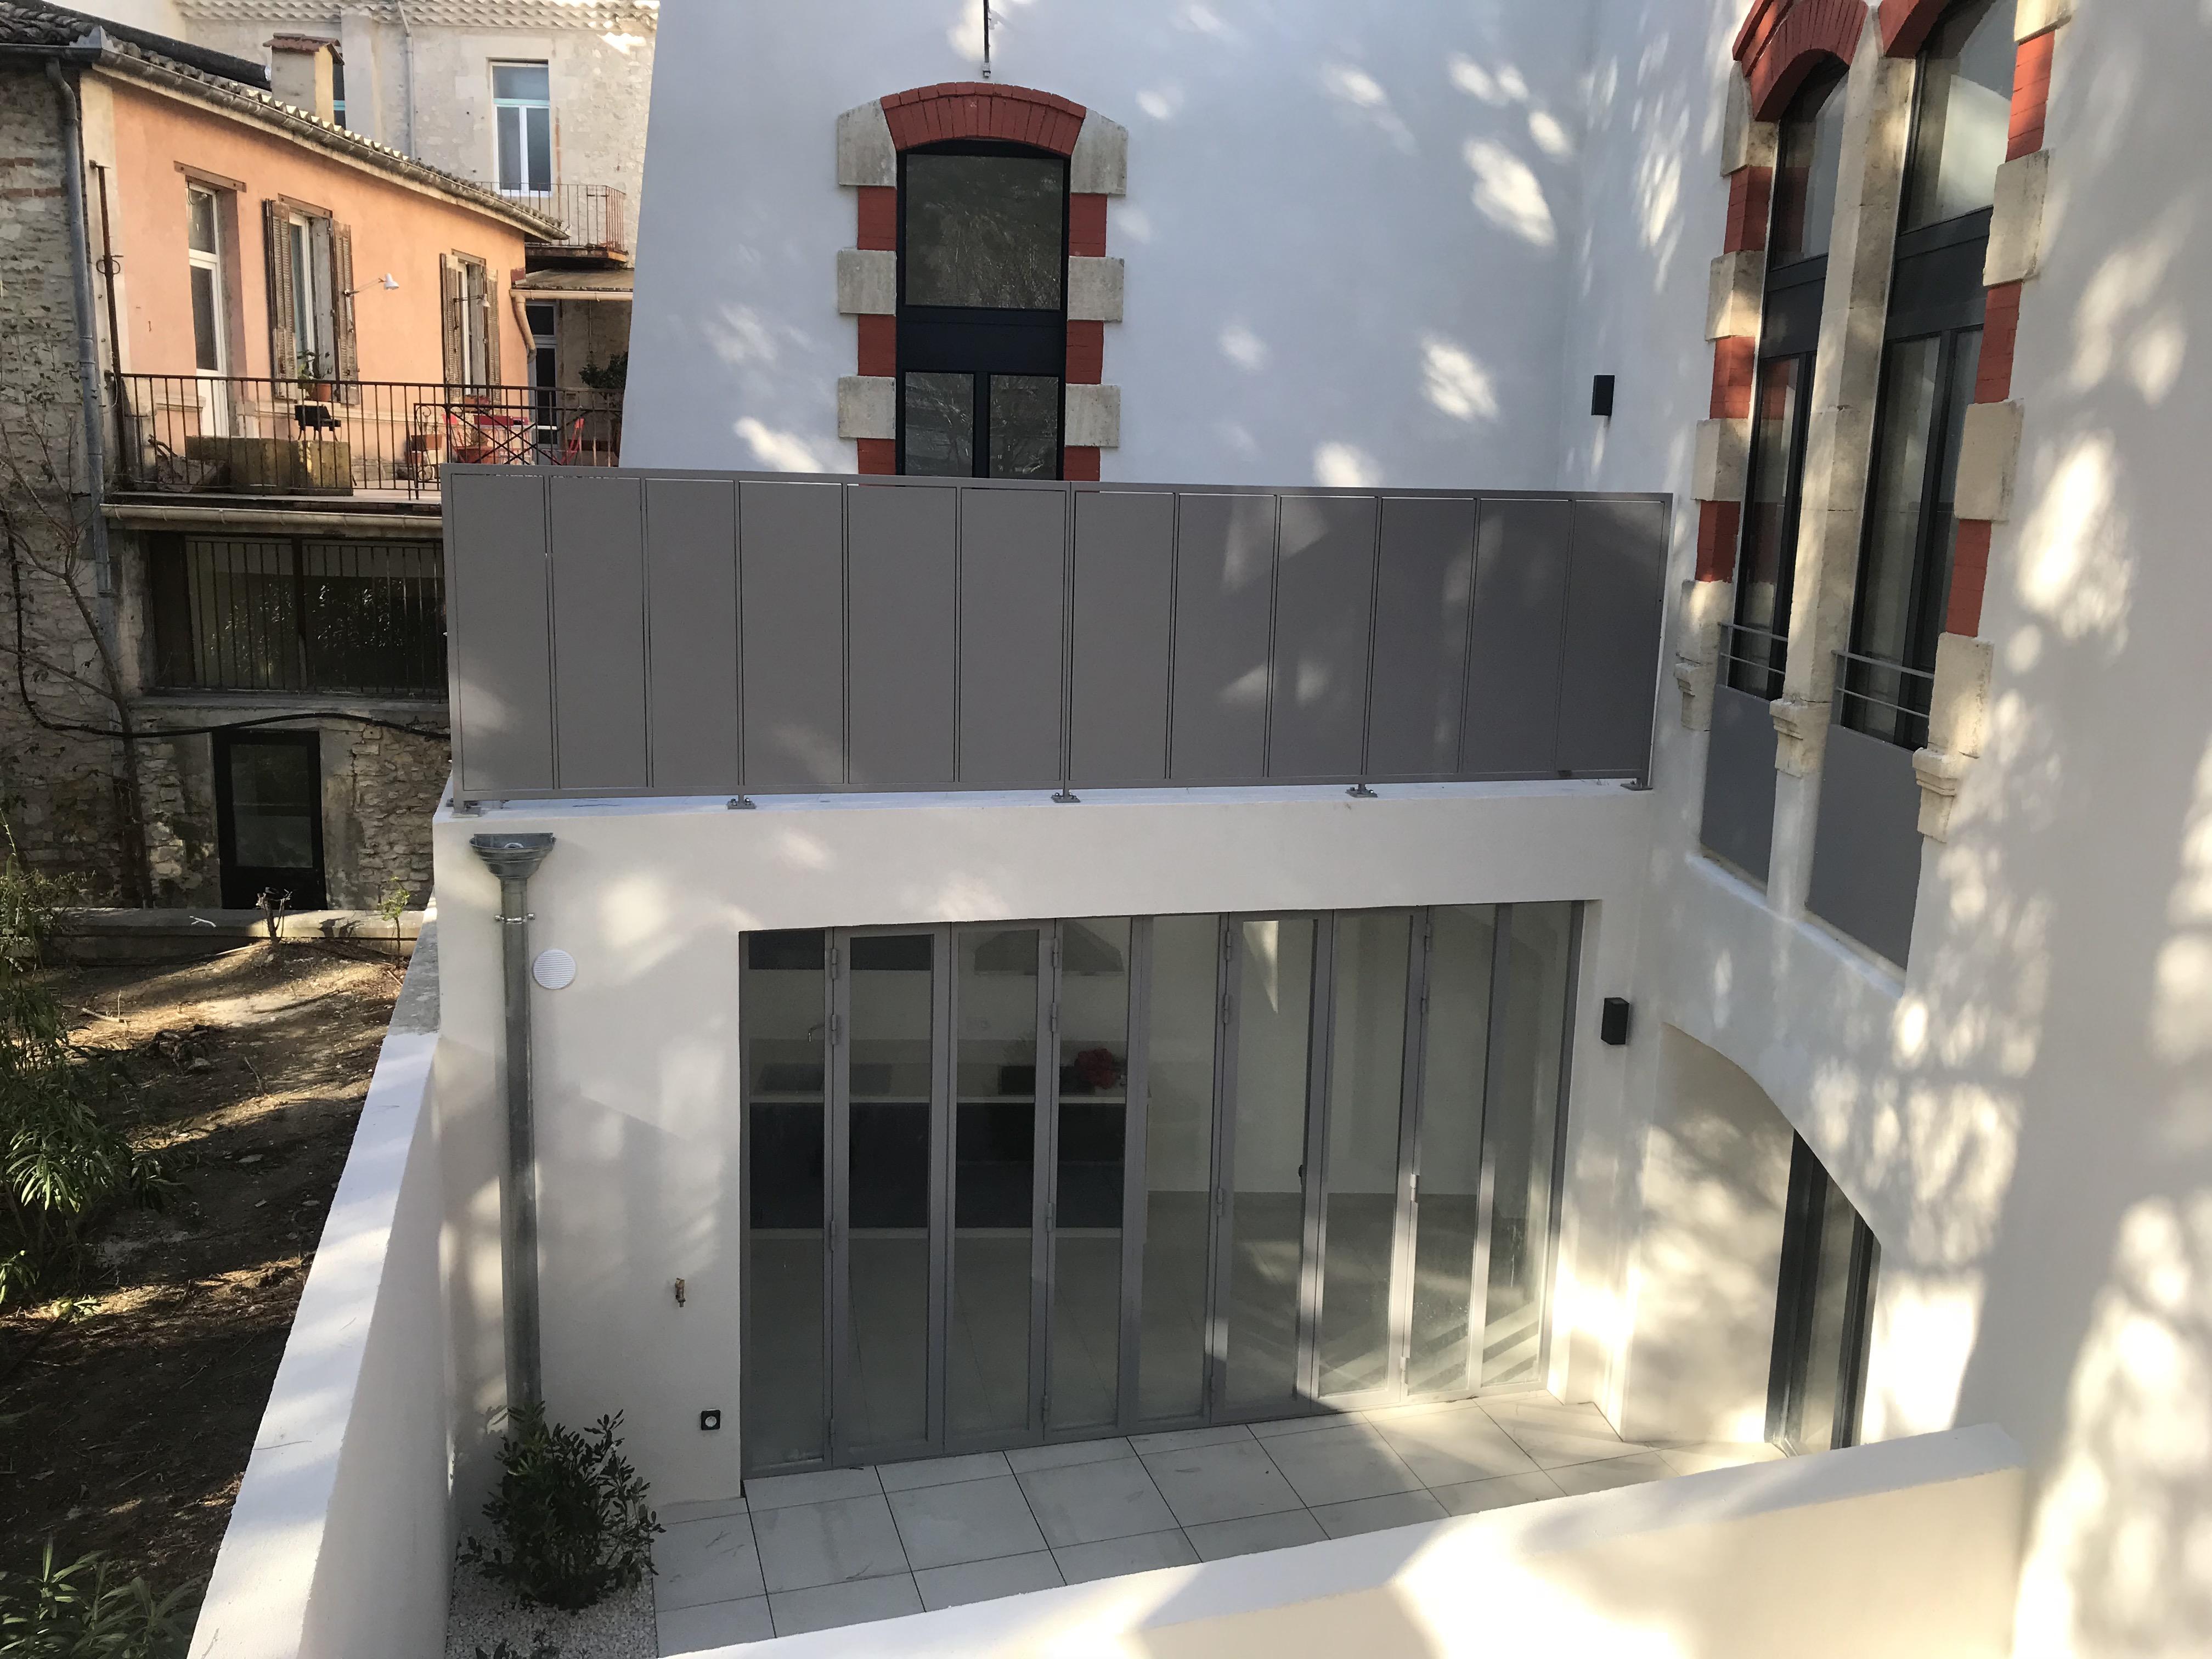 cr ation de rampe en fer t l pour une terrasse d 39 appartement n mes 30. Black Bedroom Furniture Sets. Home Design Ideas